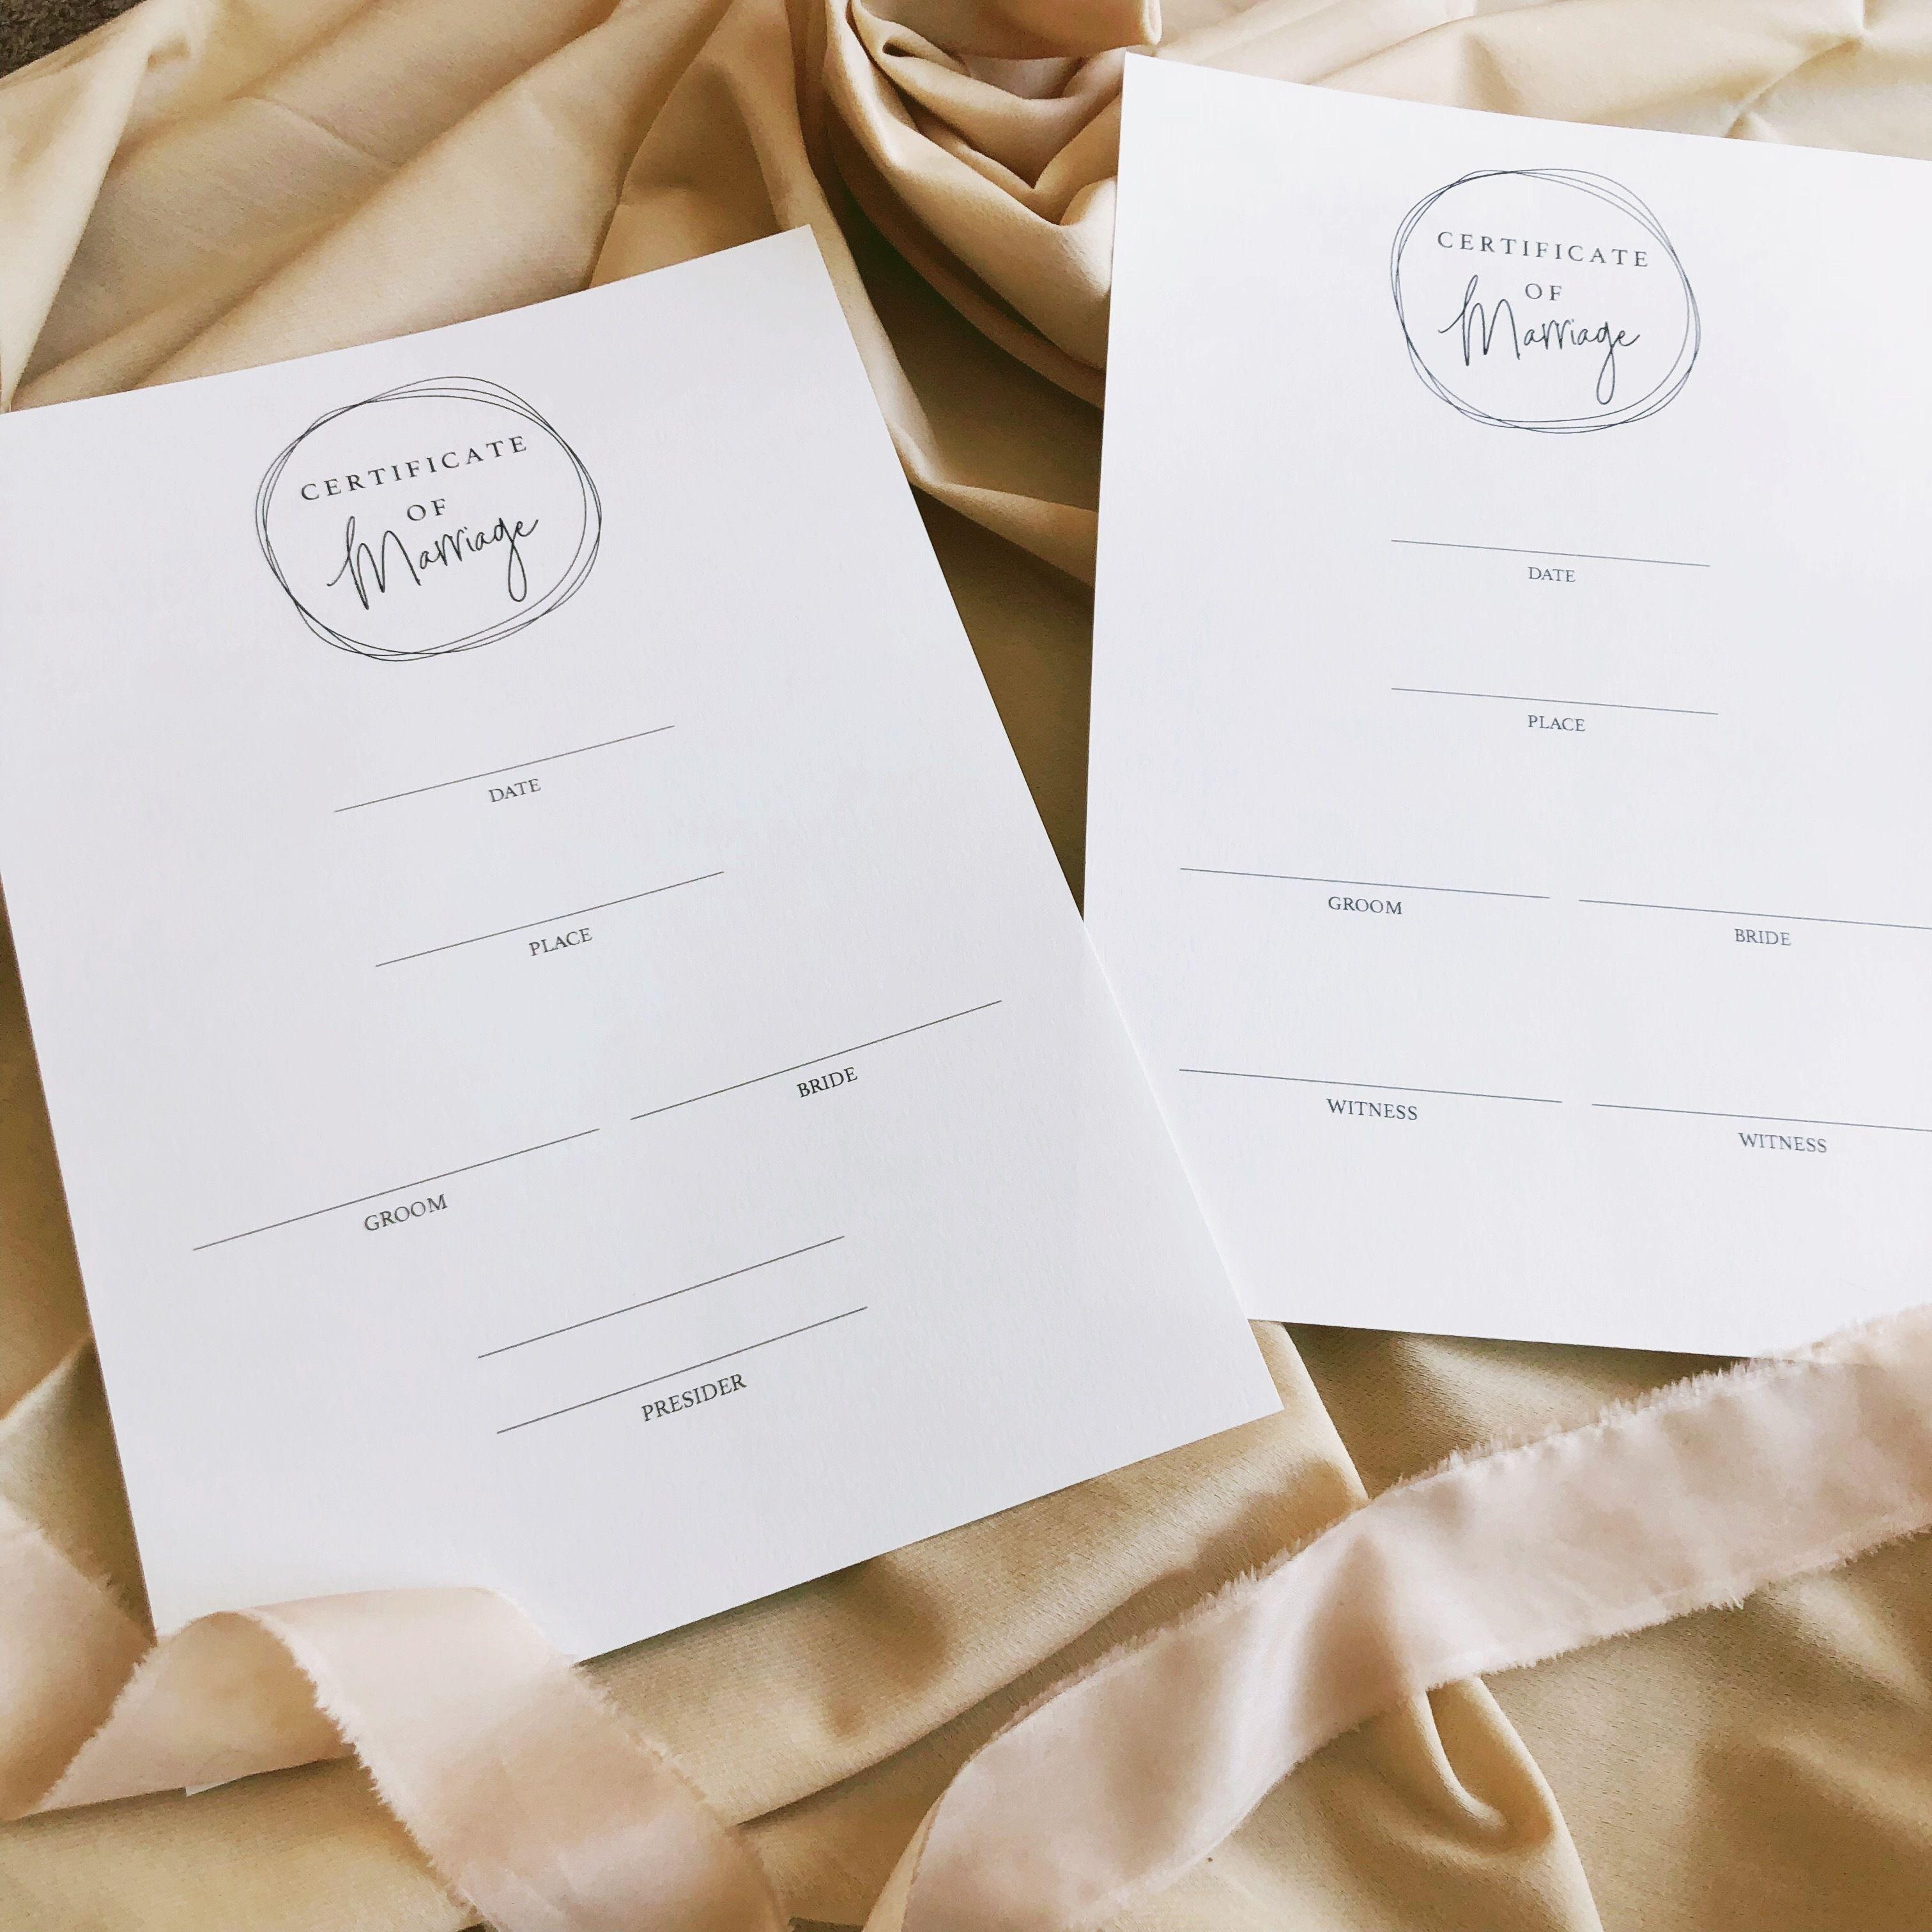 結婚証明書#4